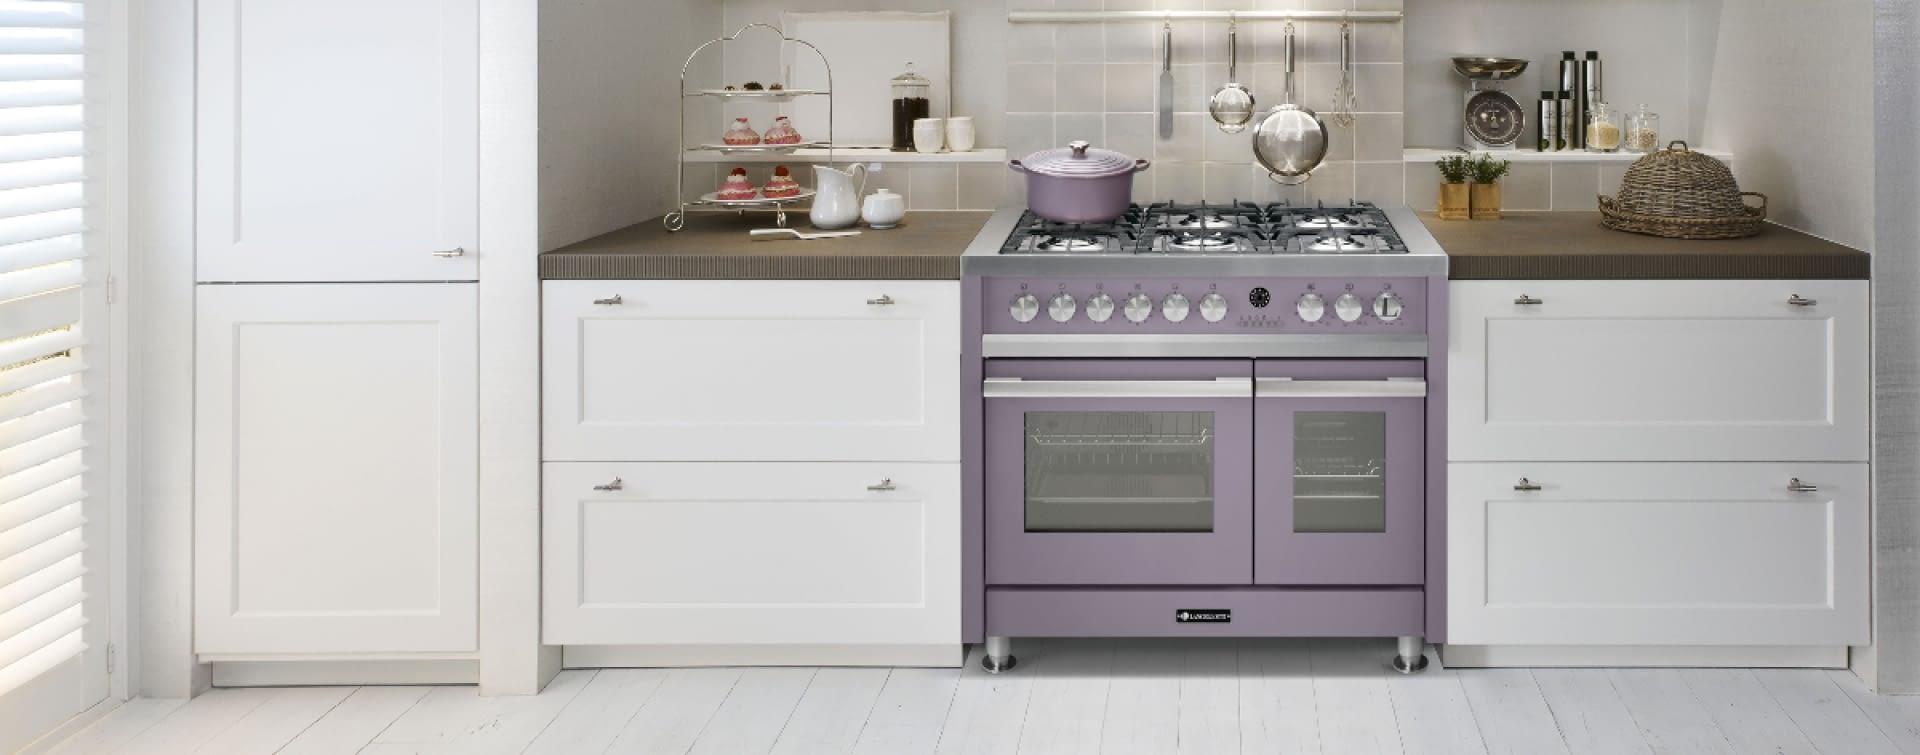 Lancellotti Standherde - Marquardt Küchen